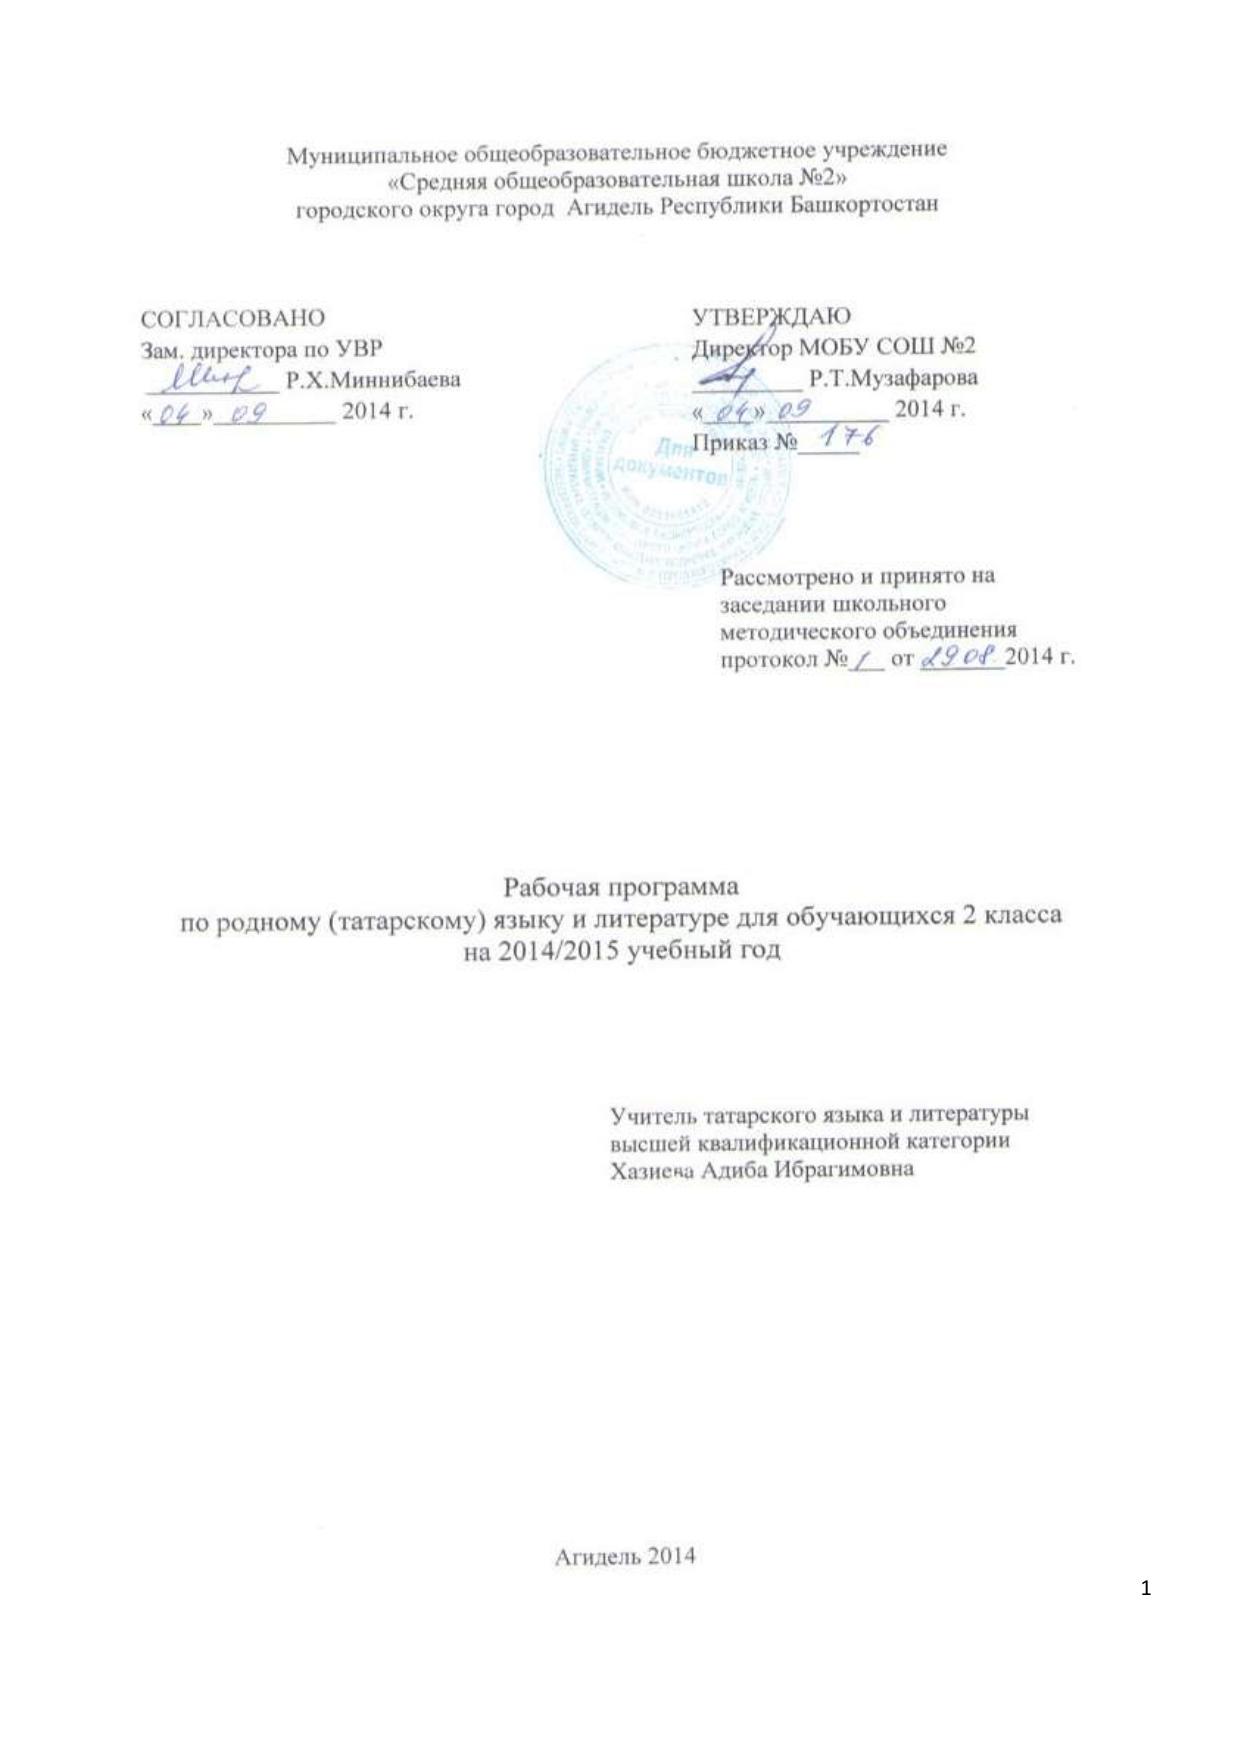 Тесты по истории россии 7 класс данилов 12-19 параграф